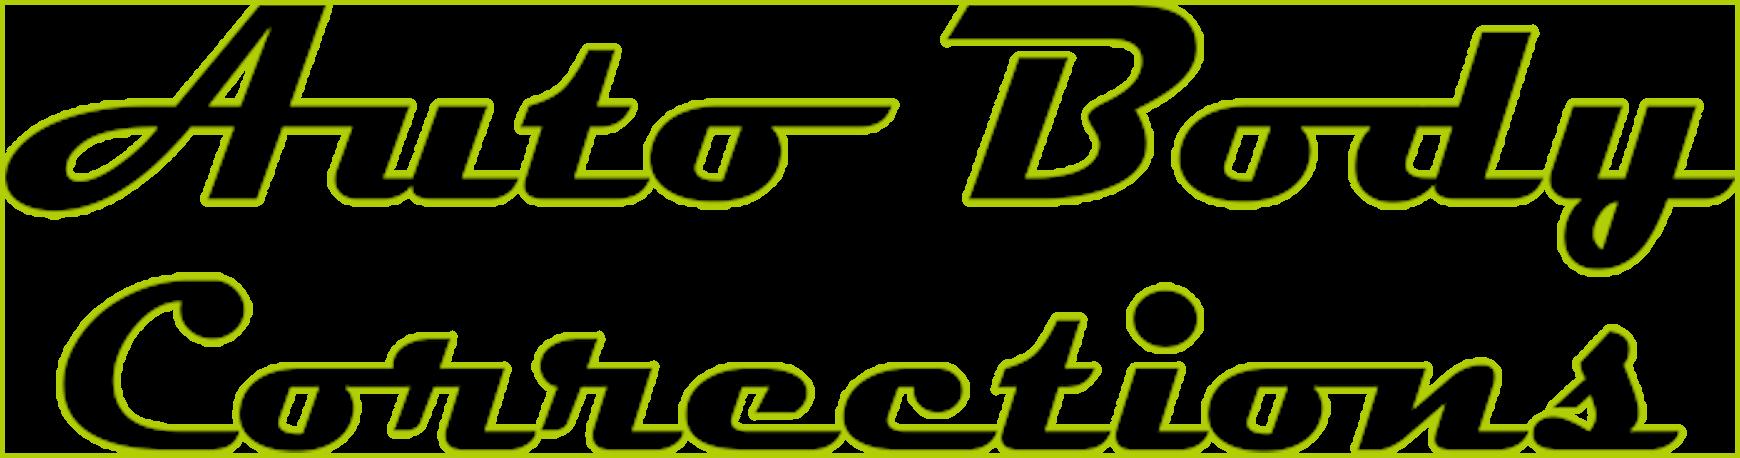 Auto Body Corrections